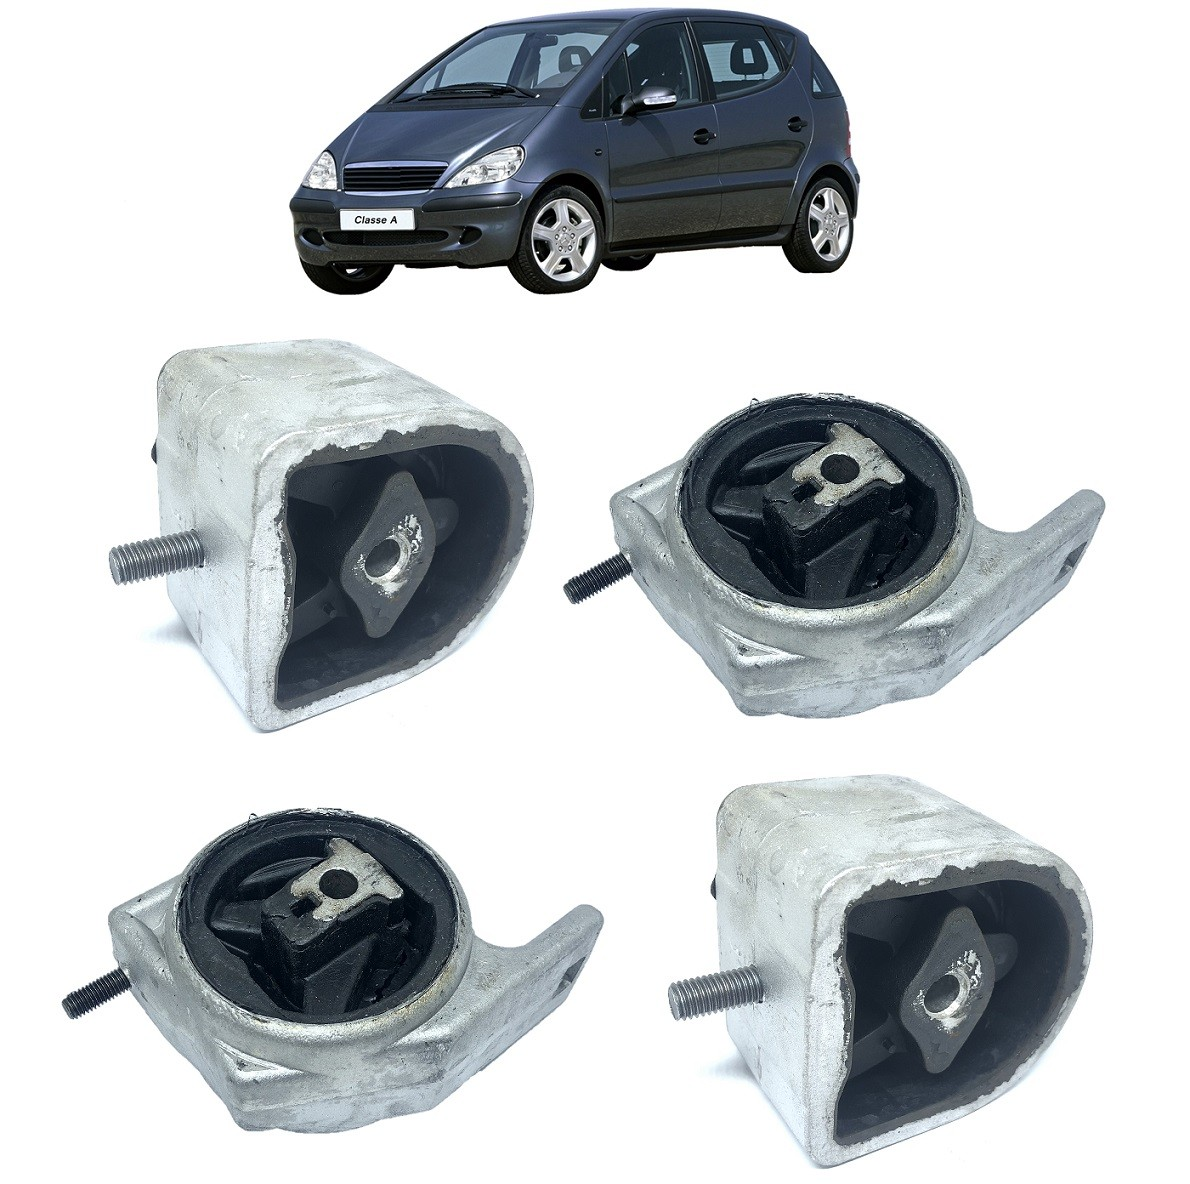 Kit 4 Calço Coxim Motor Câmbio Mercedes Classe A 160 1999 2000 2001 2002 2003 2004 2005 Classe A 190 2000 2001 2002 2003 2004 2005